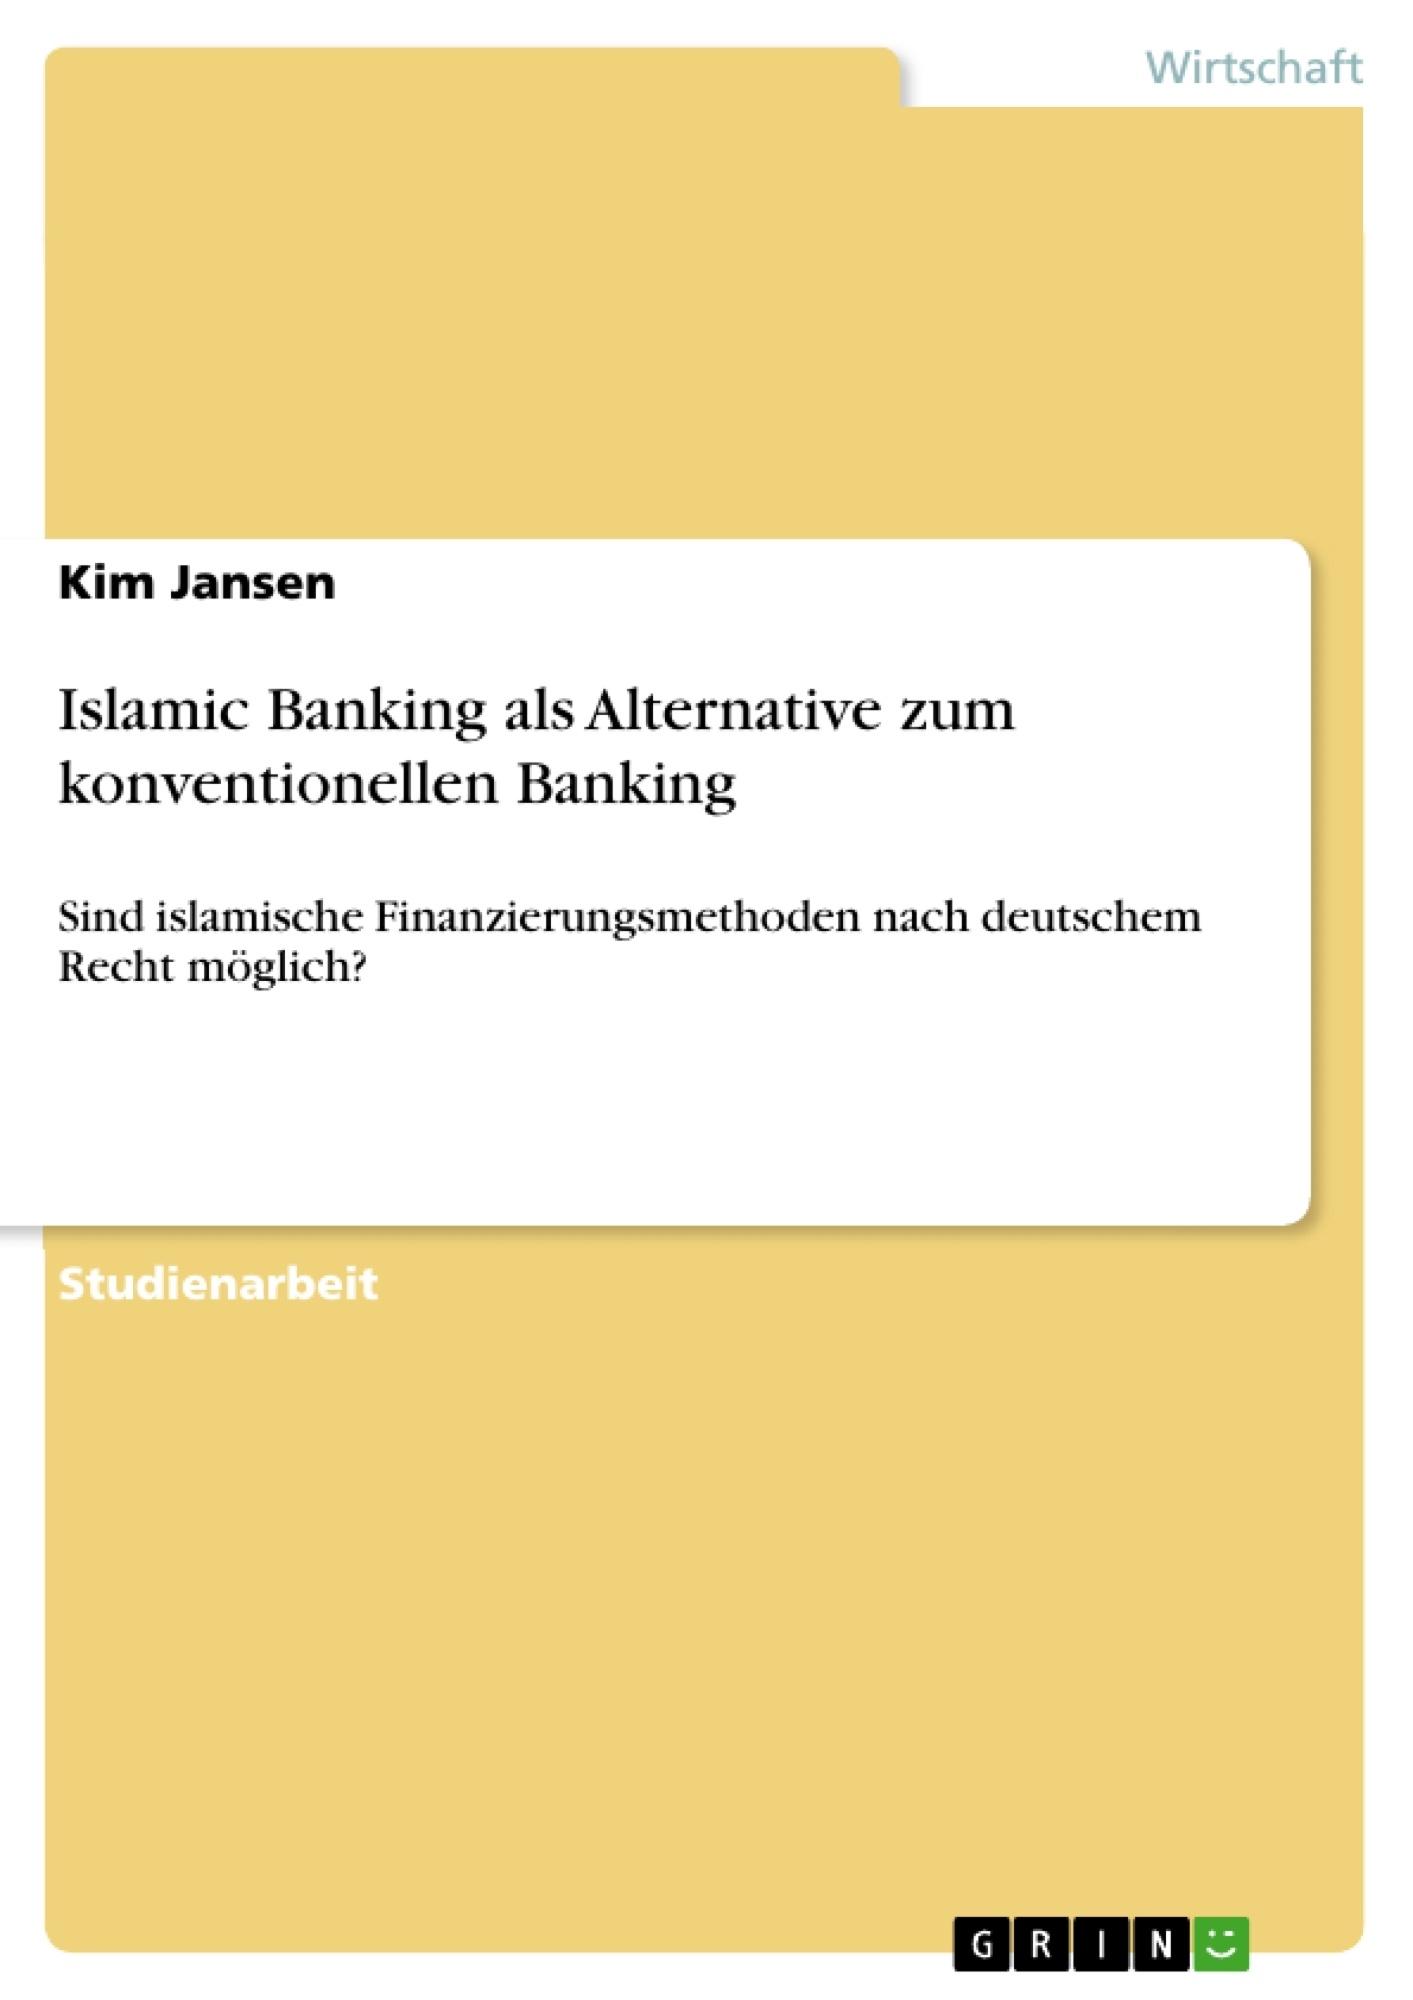 Titel: Islamic Banking als Alternative zum konventionellen Banking